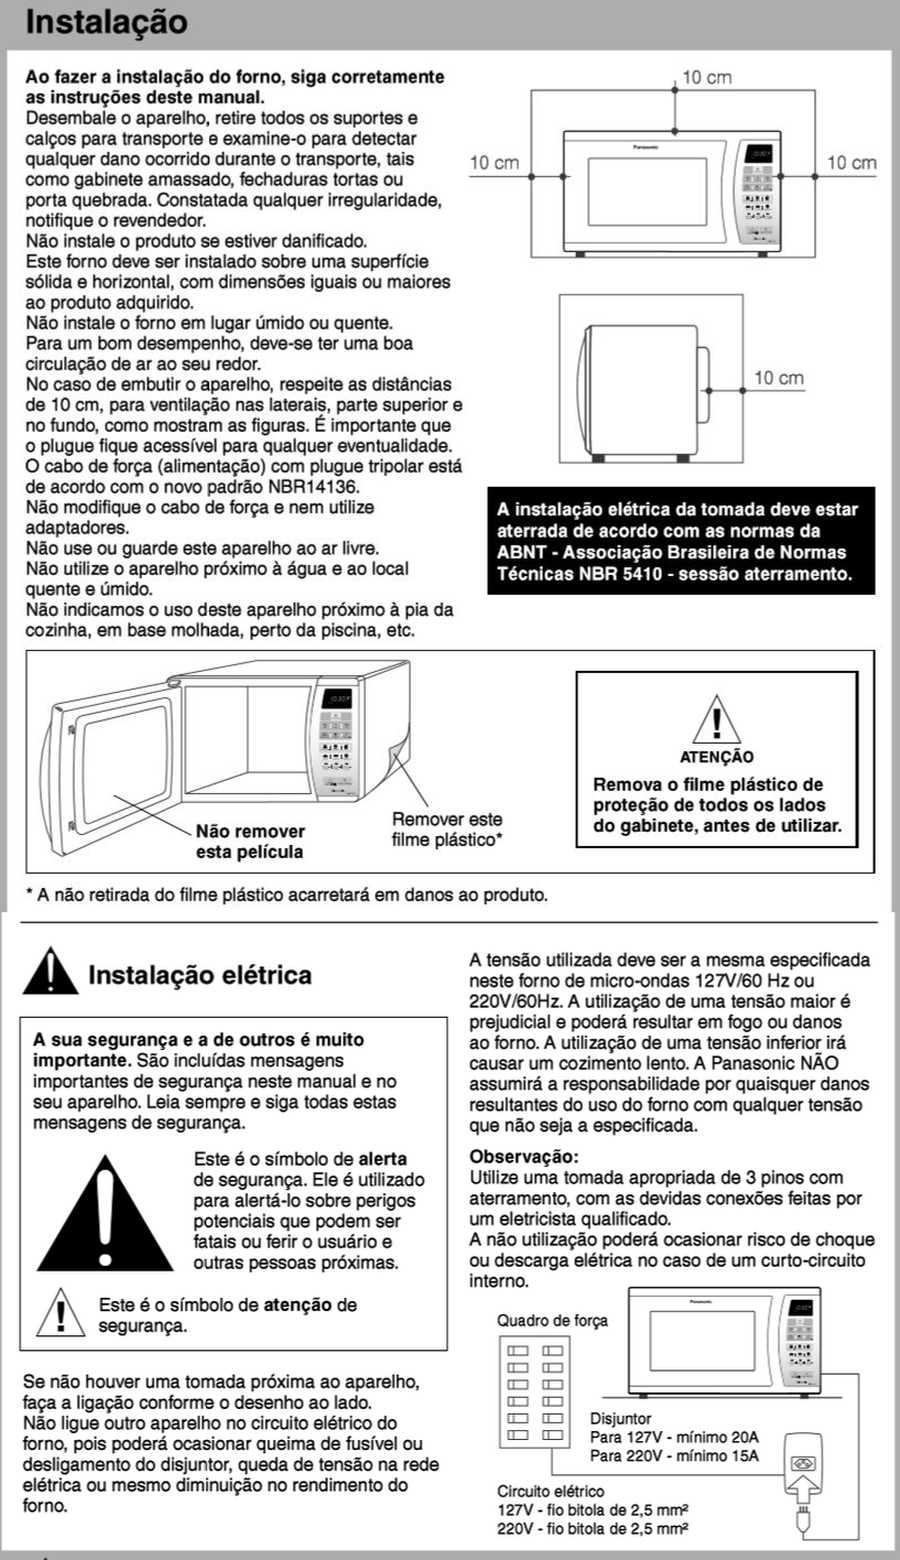 Manual de instruções do microondas Panasonic NN-ST254 - Instalação